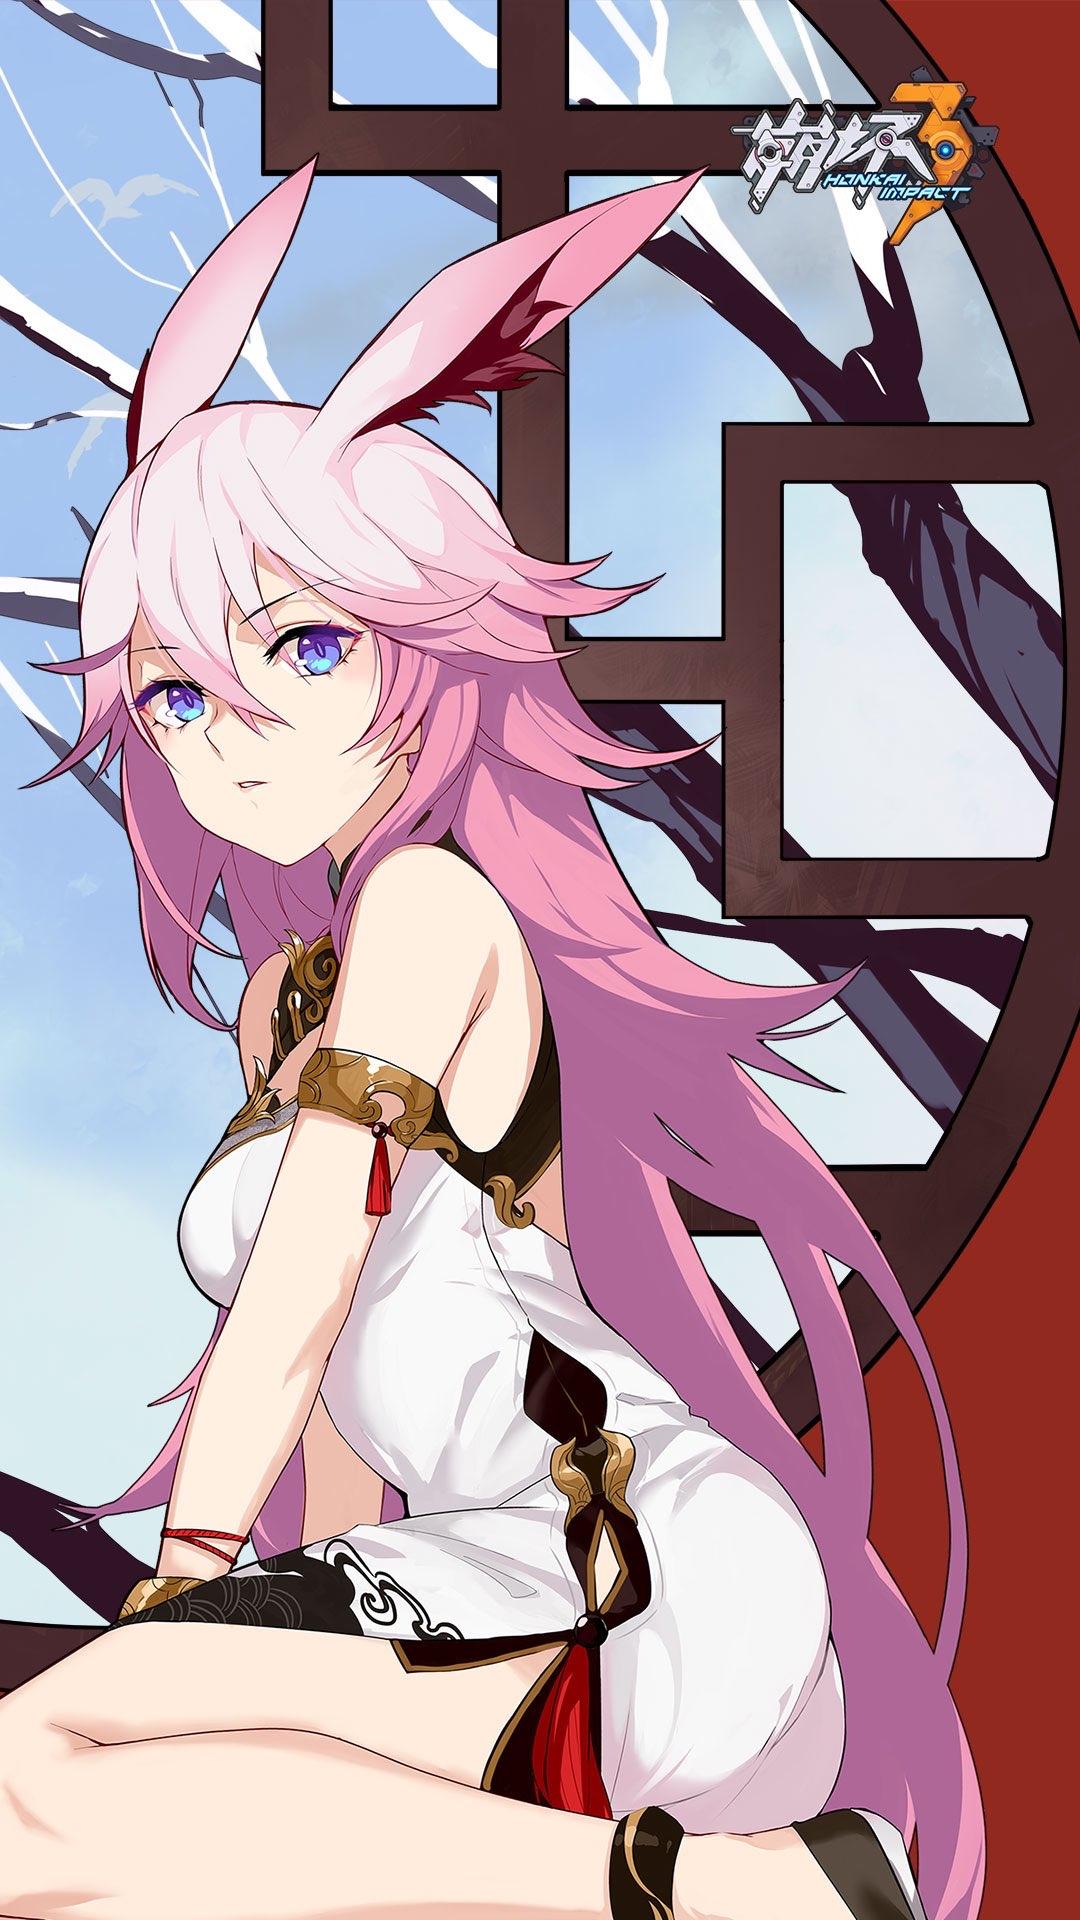 【原神】生放送で急に出てきた八重桜ちゃん?っぽいキャラ。いろんな予想が出てくるな!